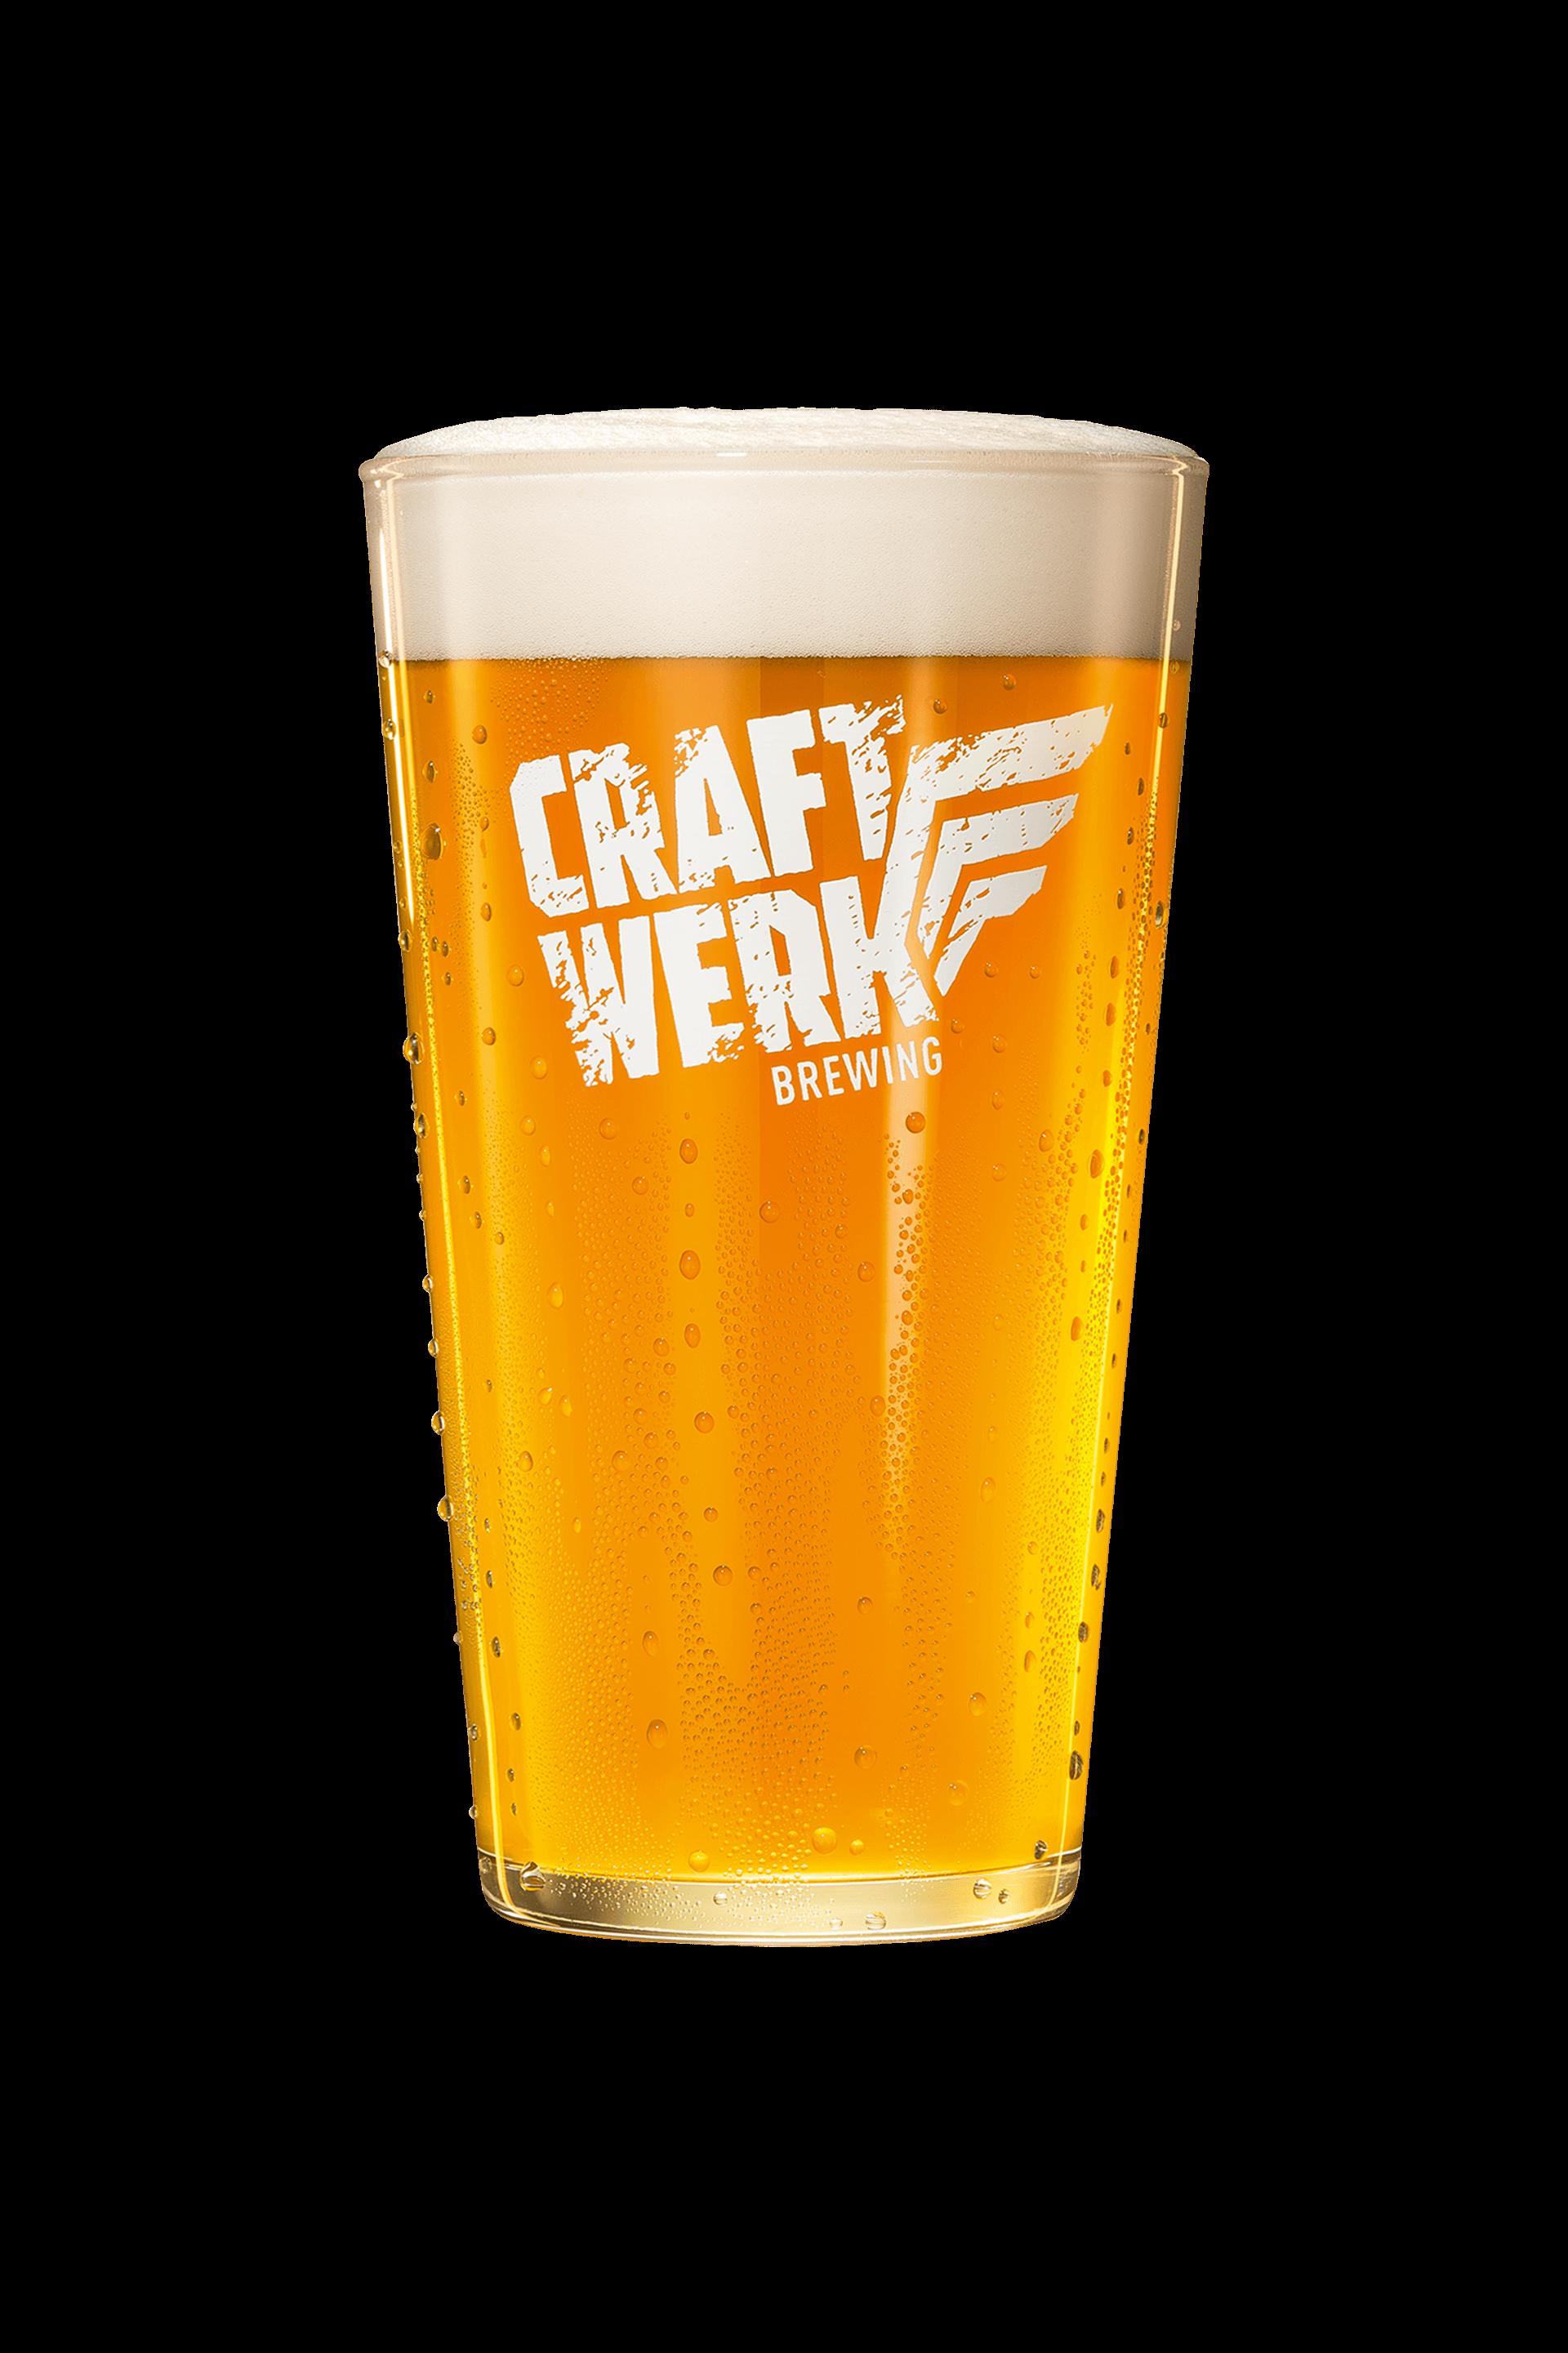 bier-deluxe-craftwerk-Glas-hell-rgbQyWQ8NBfbevZG